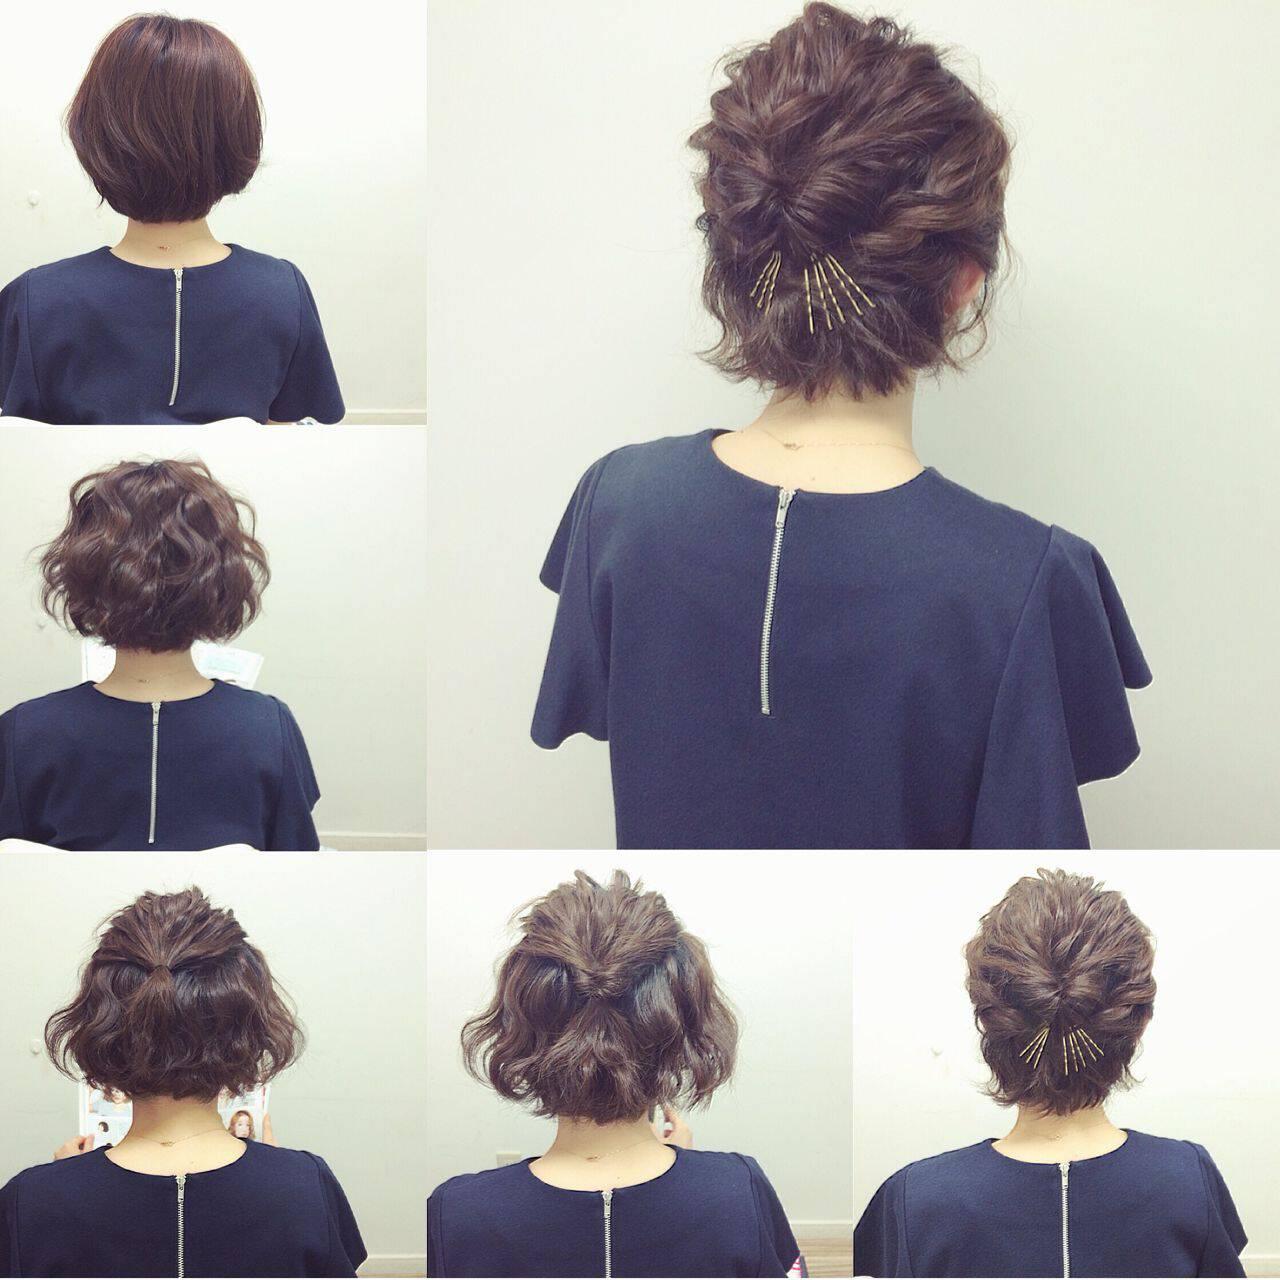 ナチュラル アップスタイル ショート ヘアアレンジヘアスタイルや髪型の写真・画像